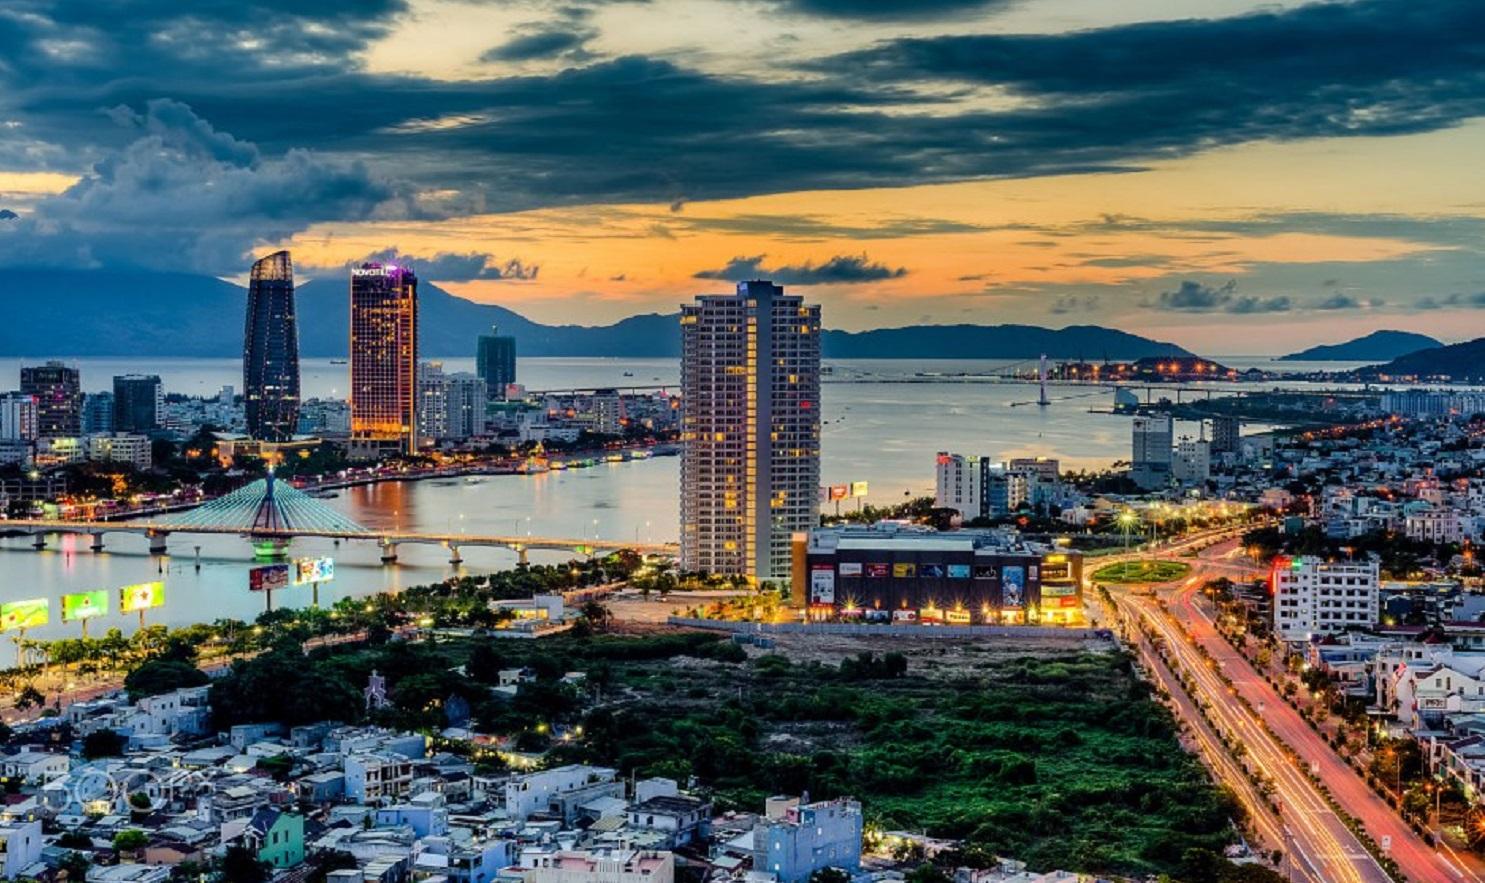 """Khách sạn, biệt thự nghỉ dưỡng: Phân khúc """"anh cả"""" dẫn dắt thị trường Đà Nẵng"""